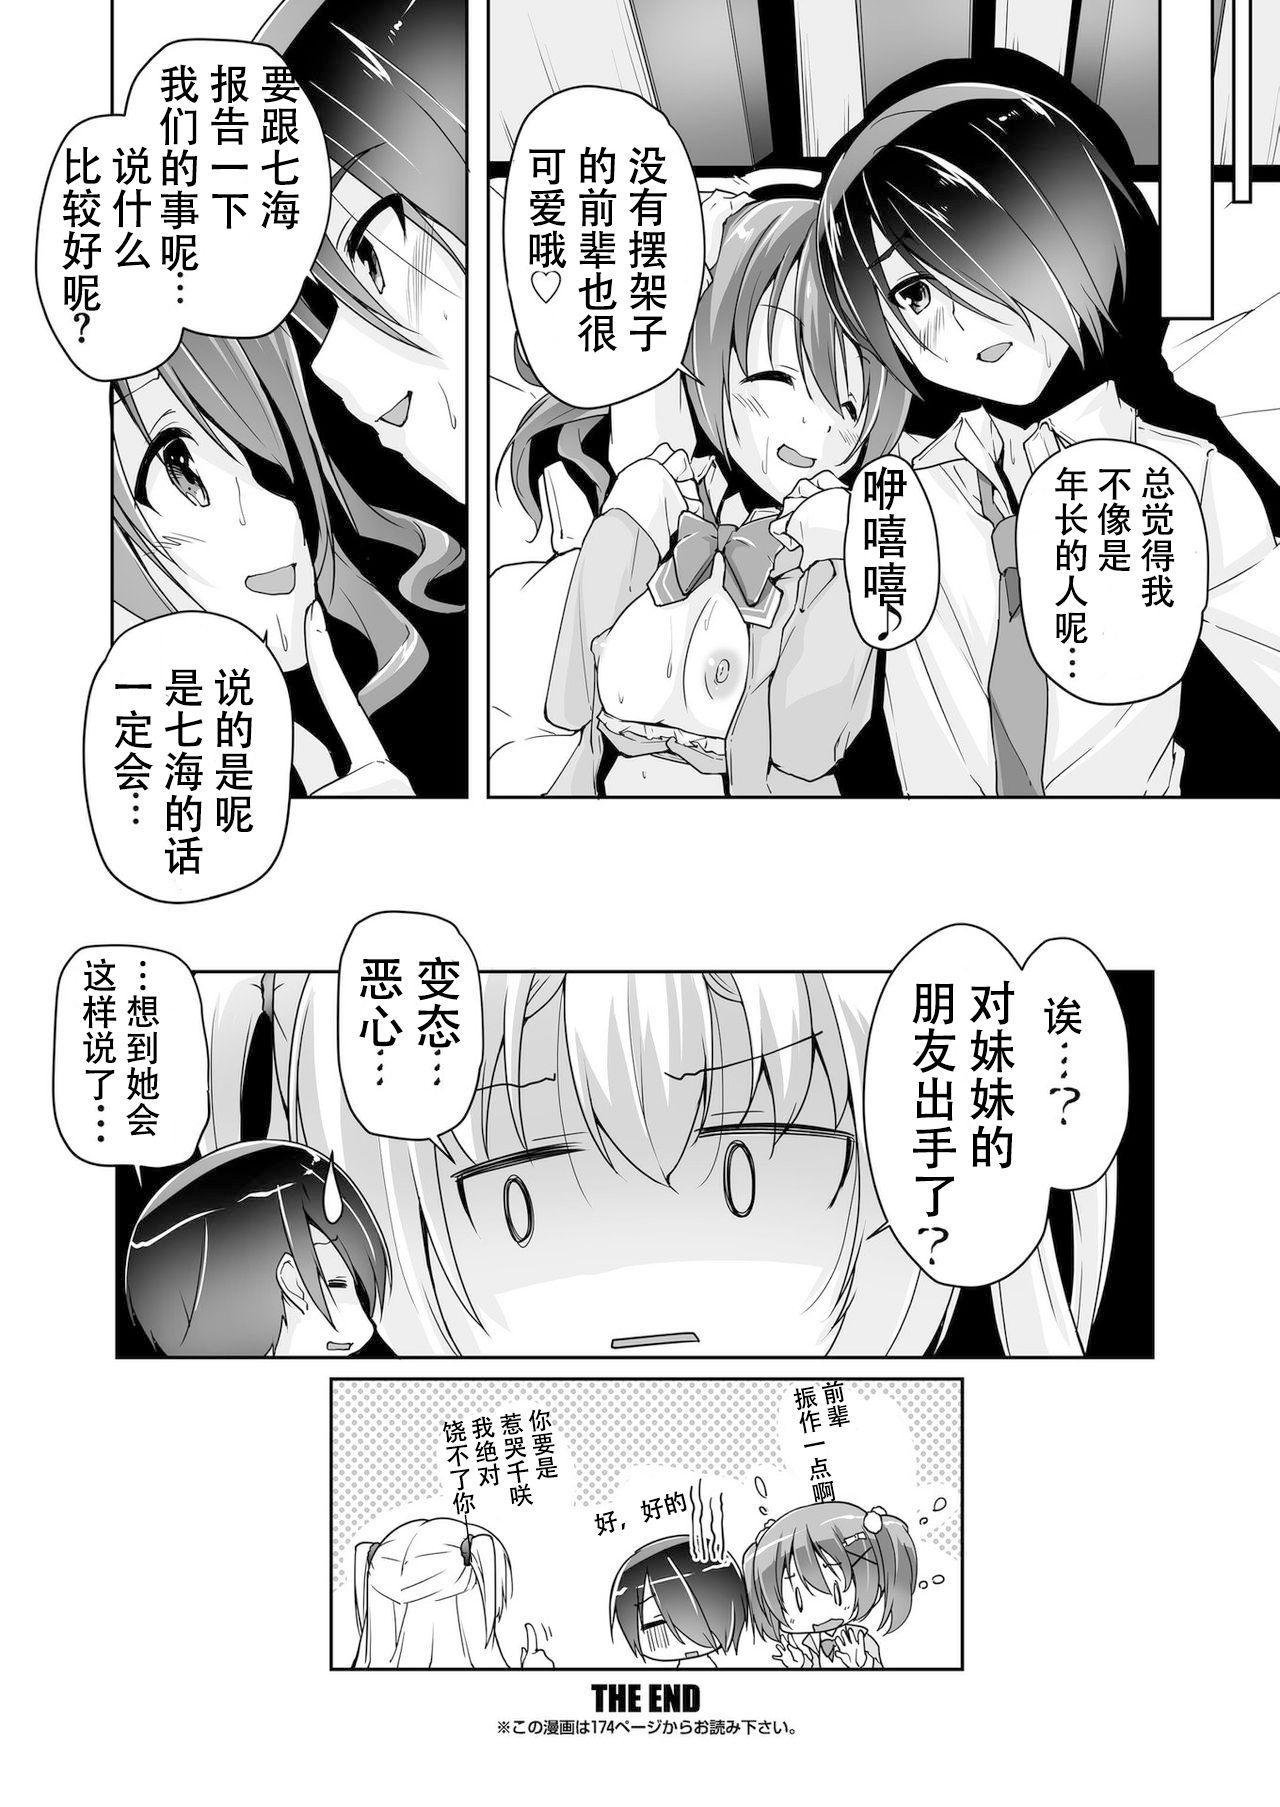 Chisaki to chikan play de hatsu H! ? 19